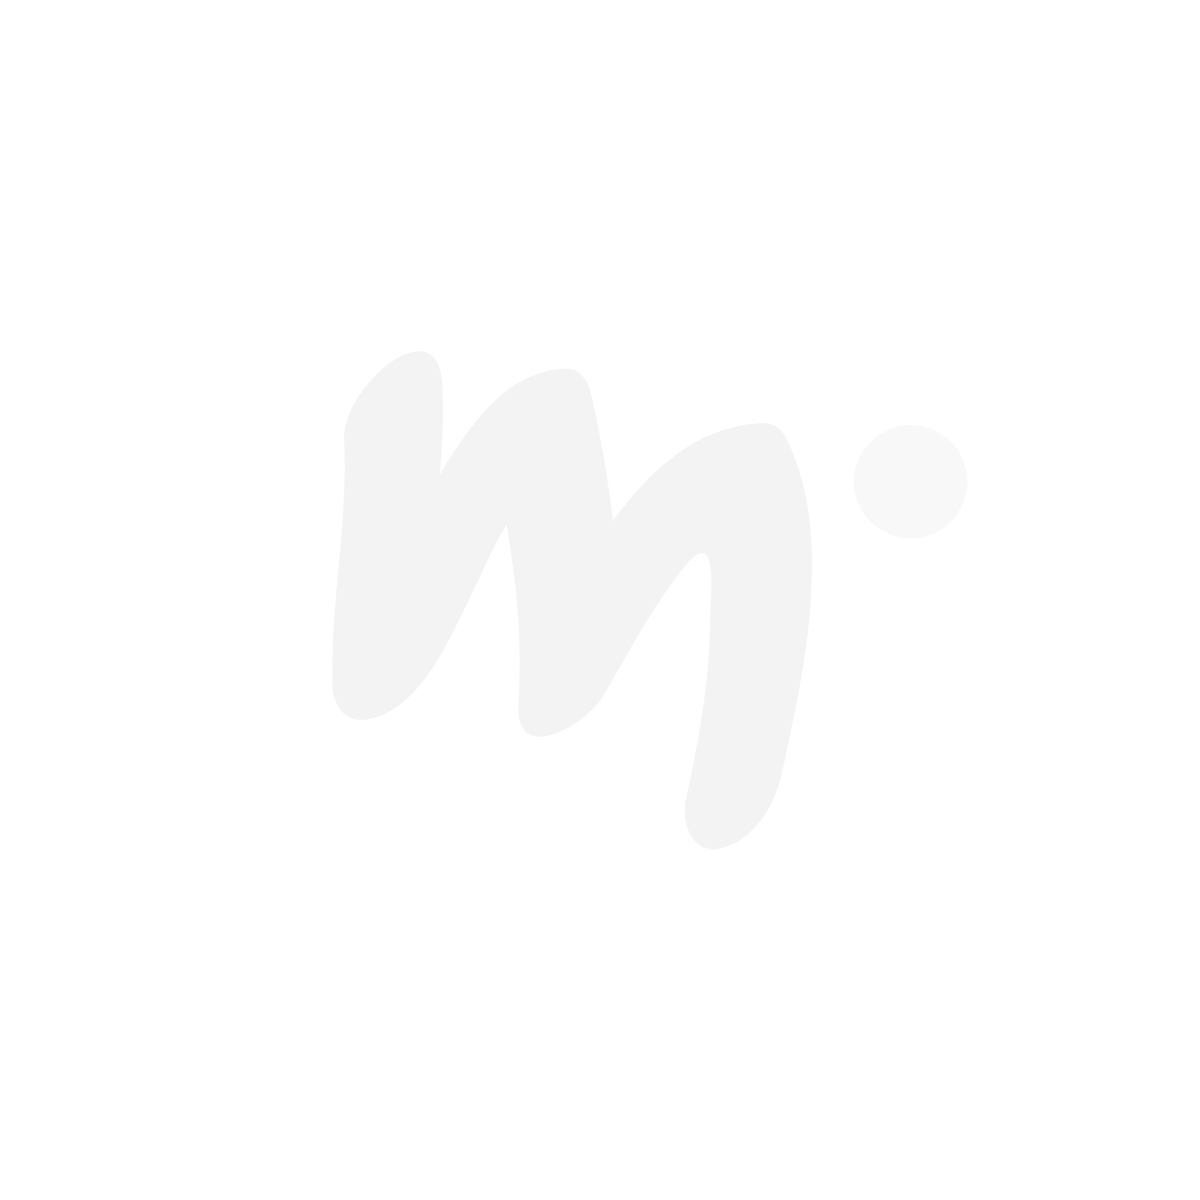 Moomin Vinssi+ Pouch Hemulens